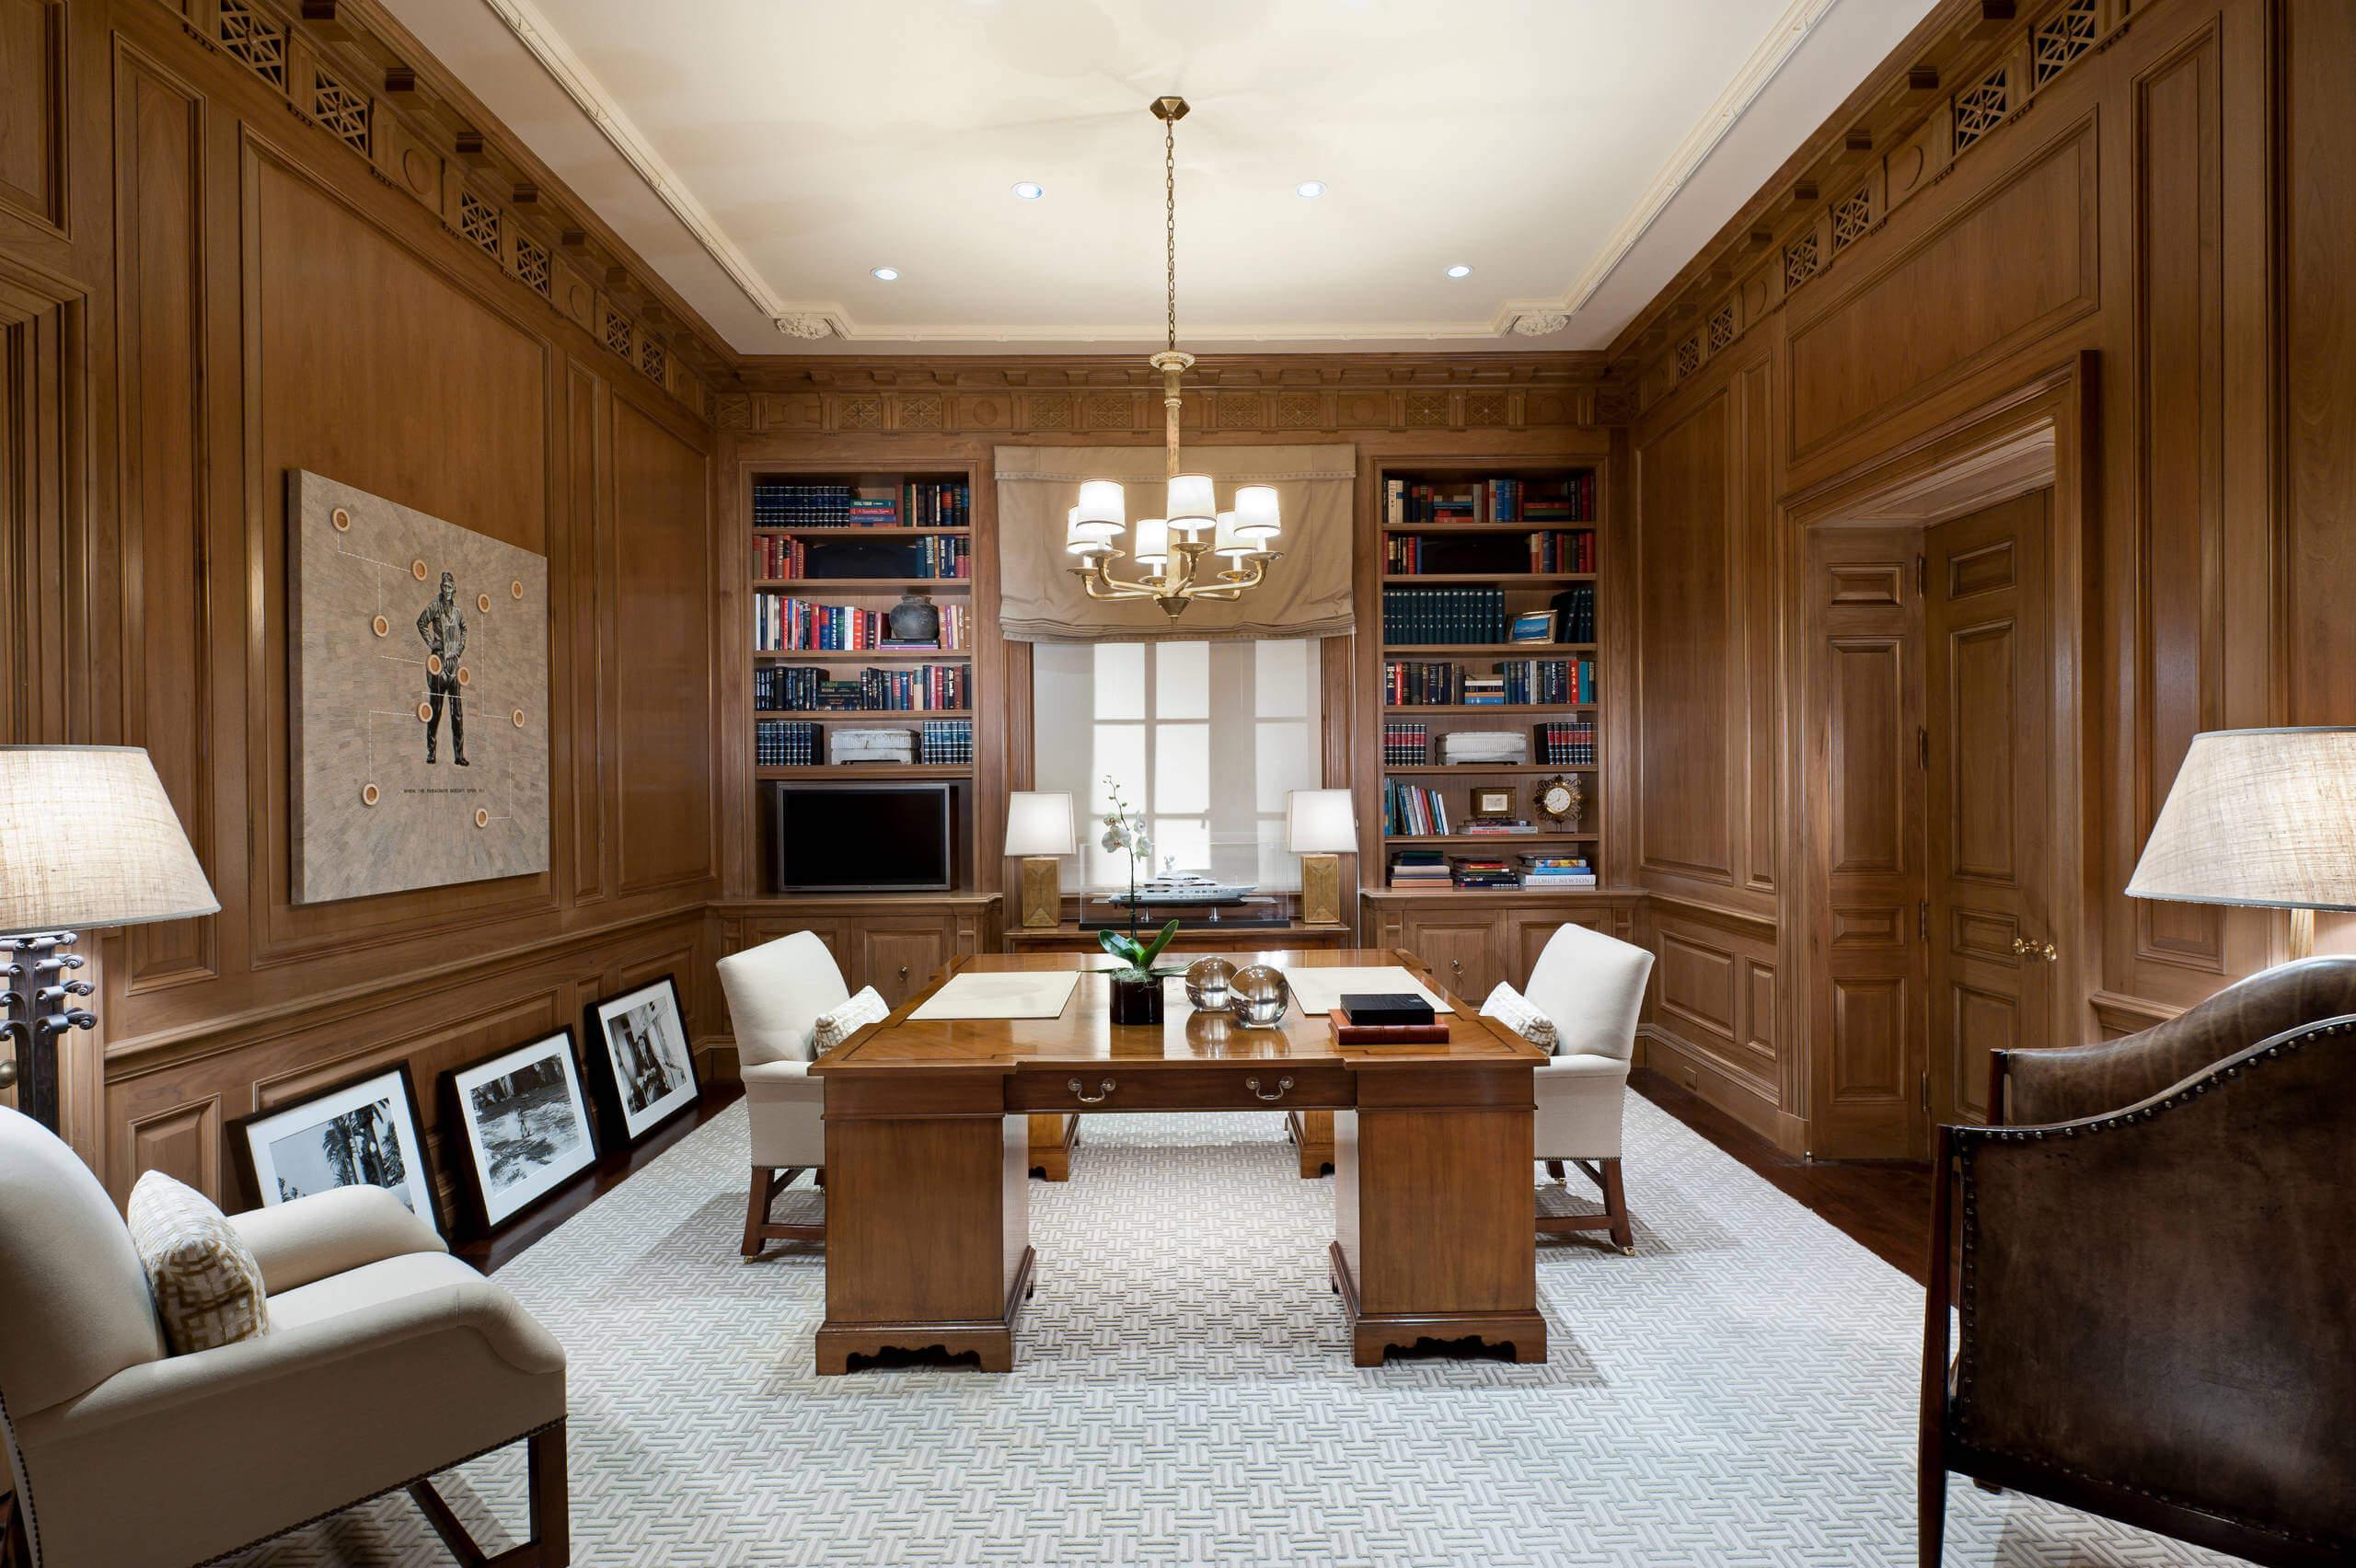 phong cách thiết kế nội thất truyền thống